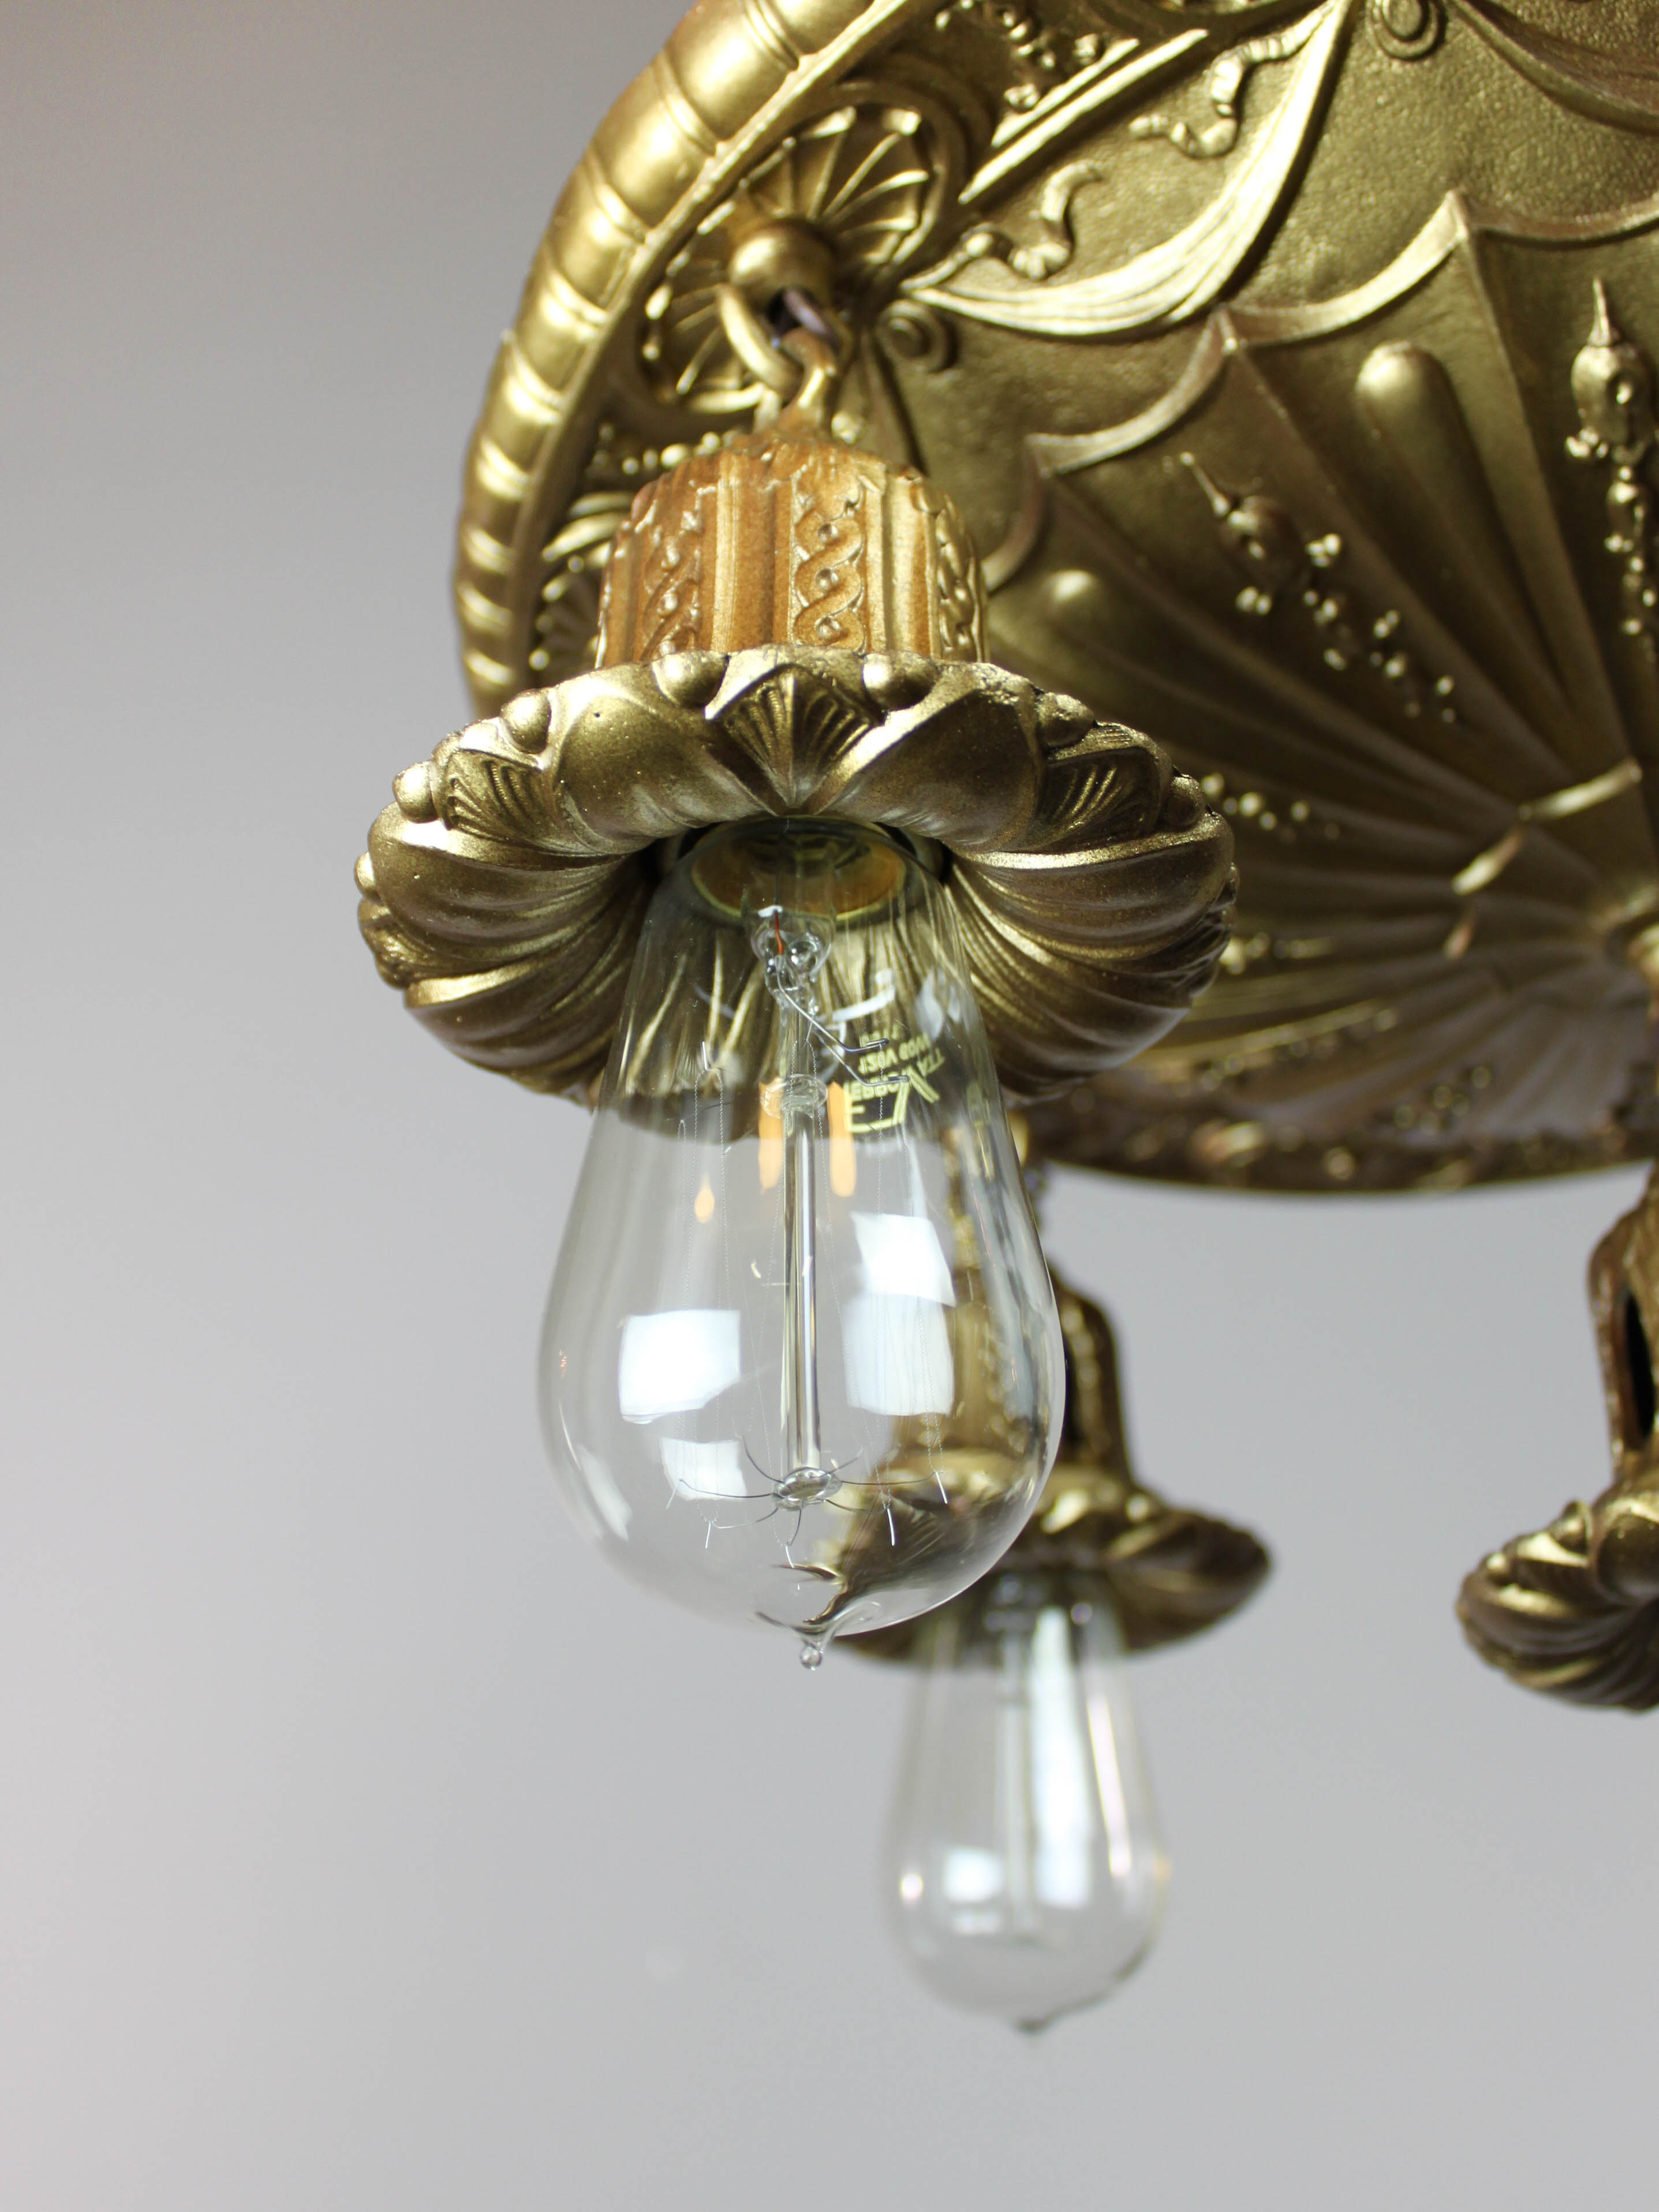 Antique Brass Shower Bare-Bulb Light Fixture (5-Light) |